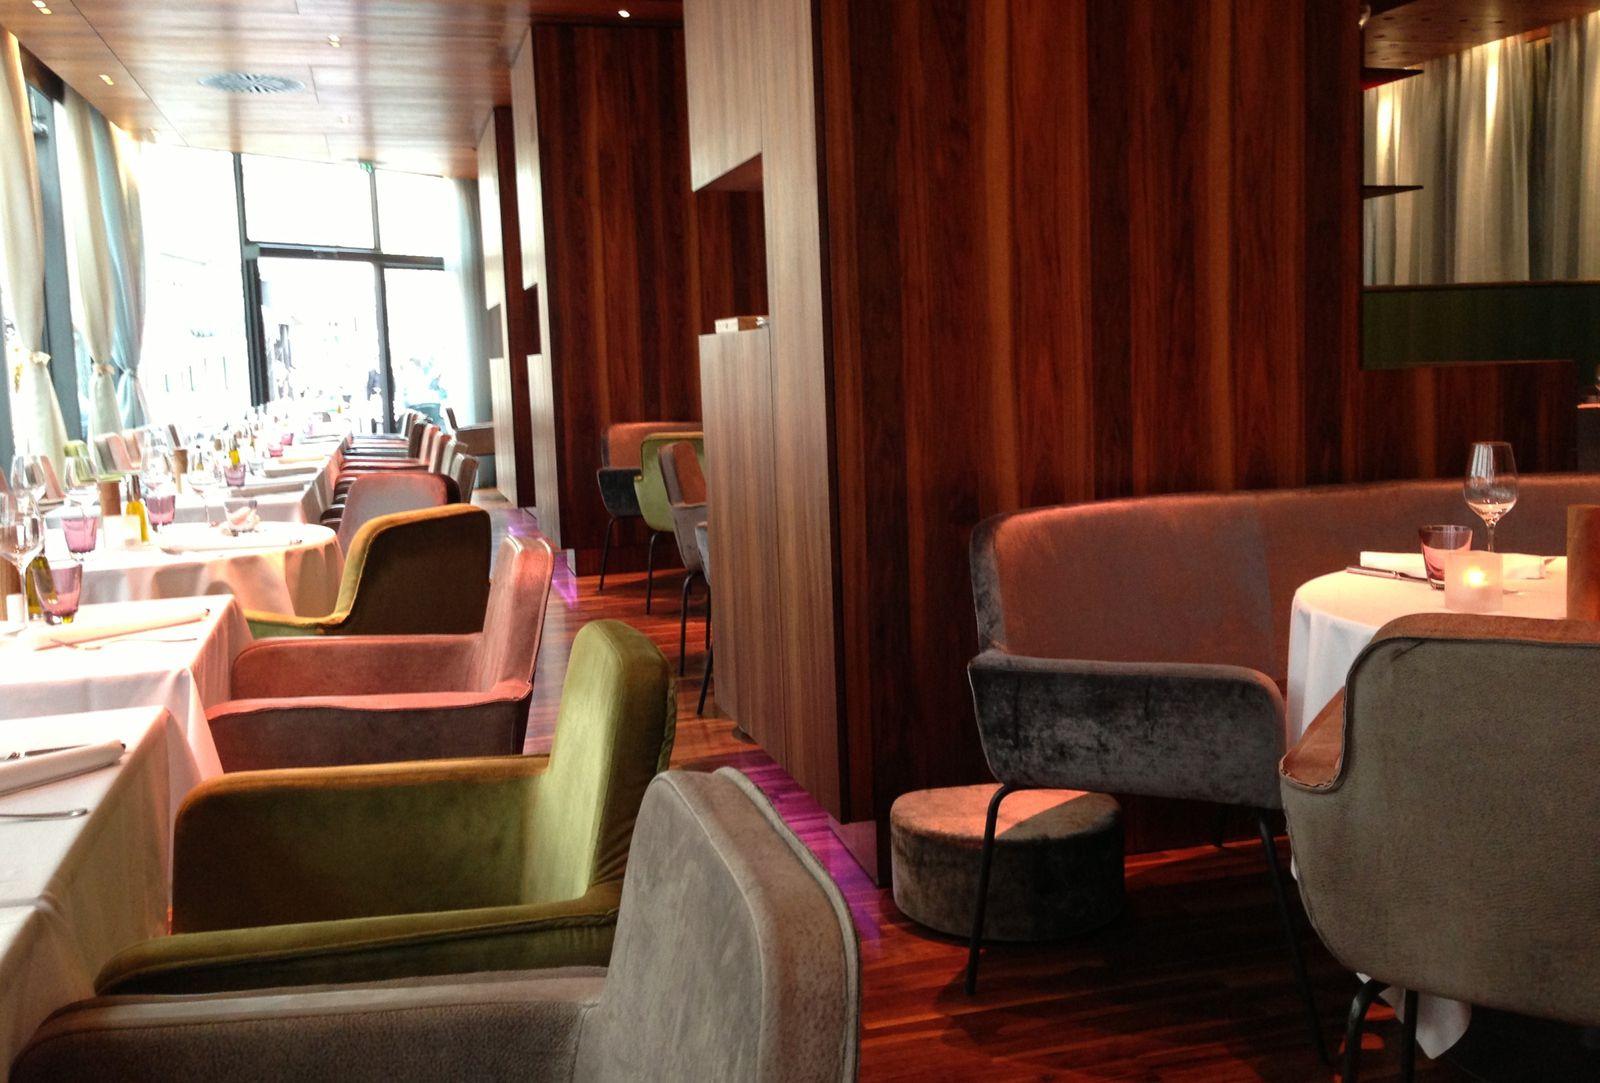 Fabio restaurant, Vienna